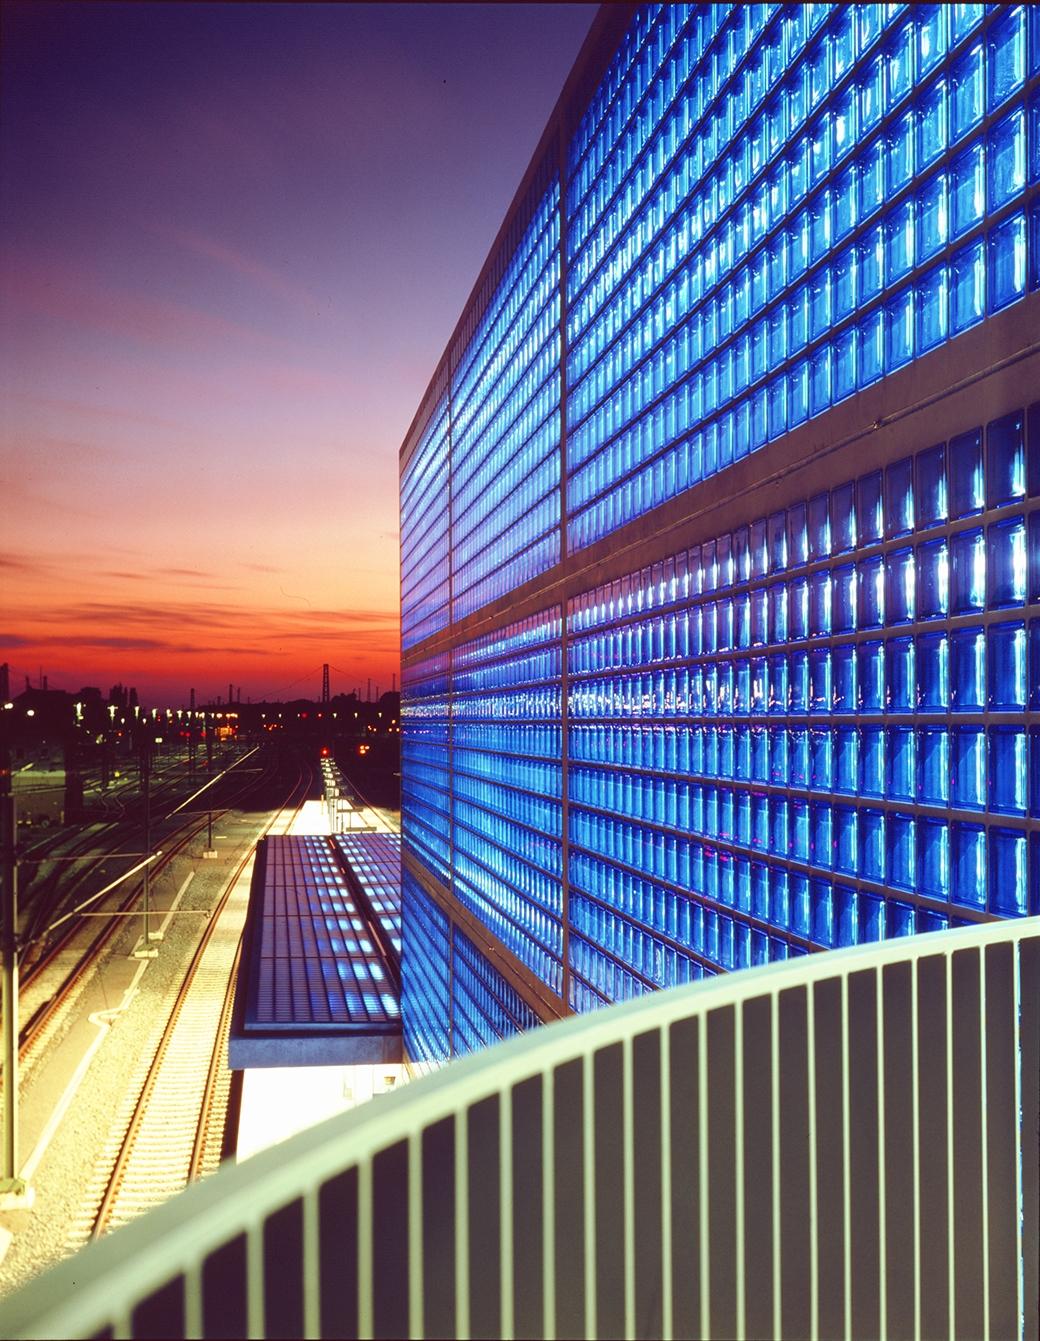 Seves-sevesglassblock-soluciones-smart-hannover-station